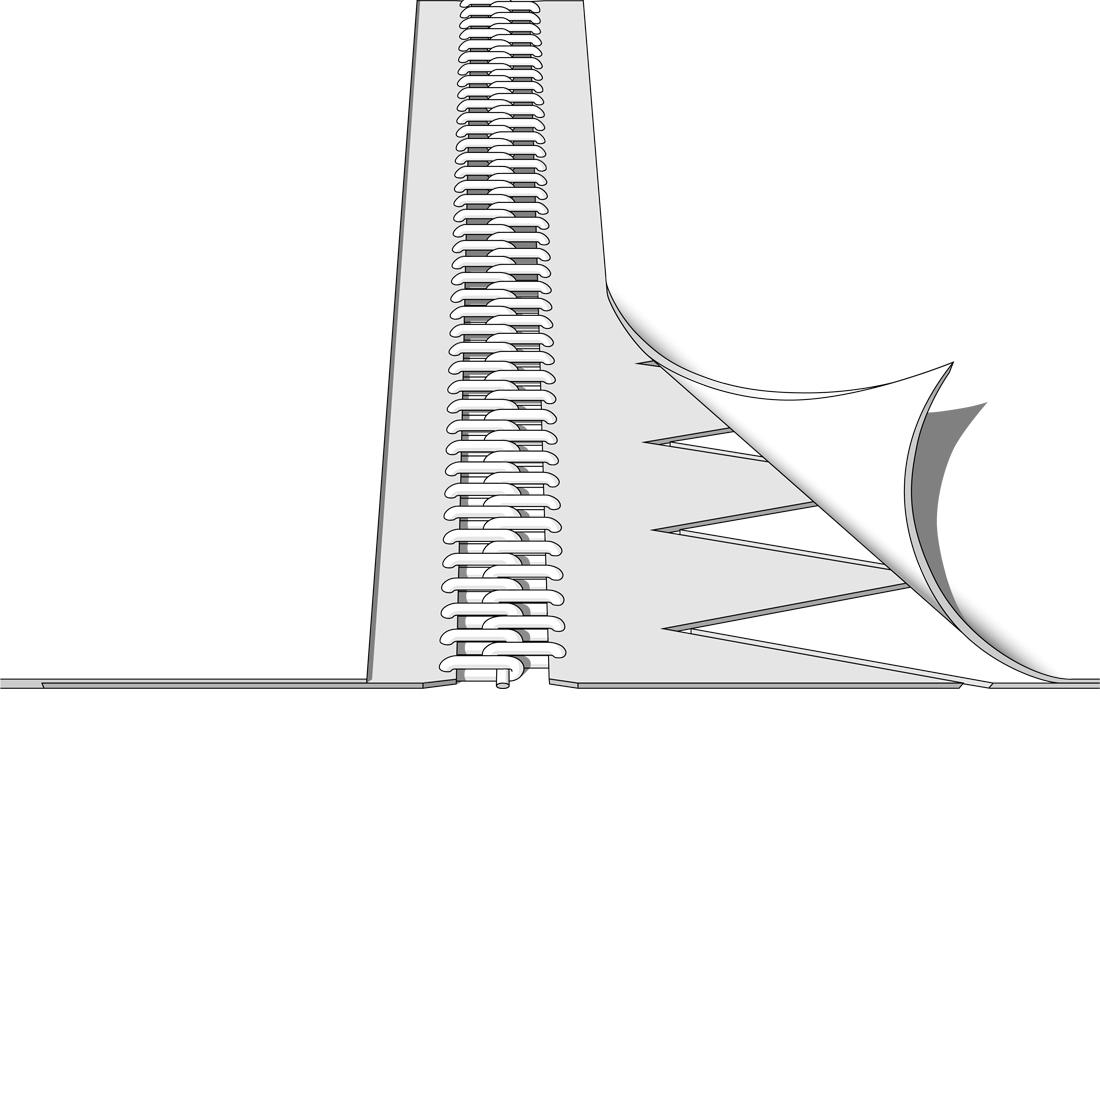 Kunststoffspiralverbinder